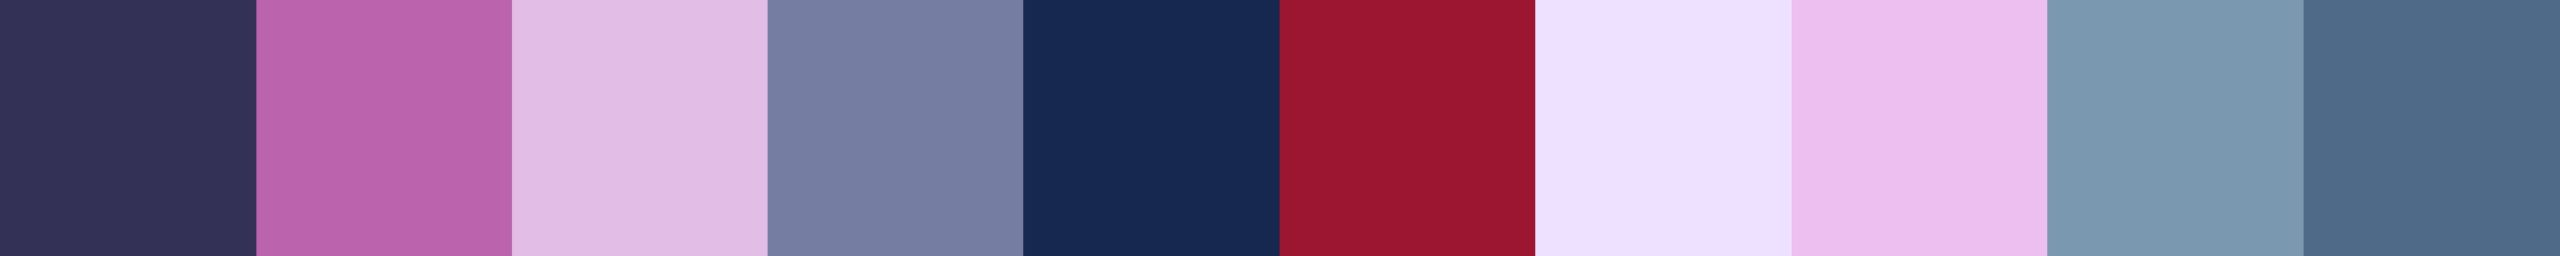 444 Dollka Color Palette